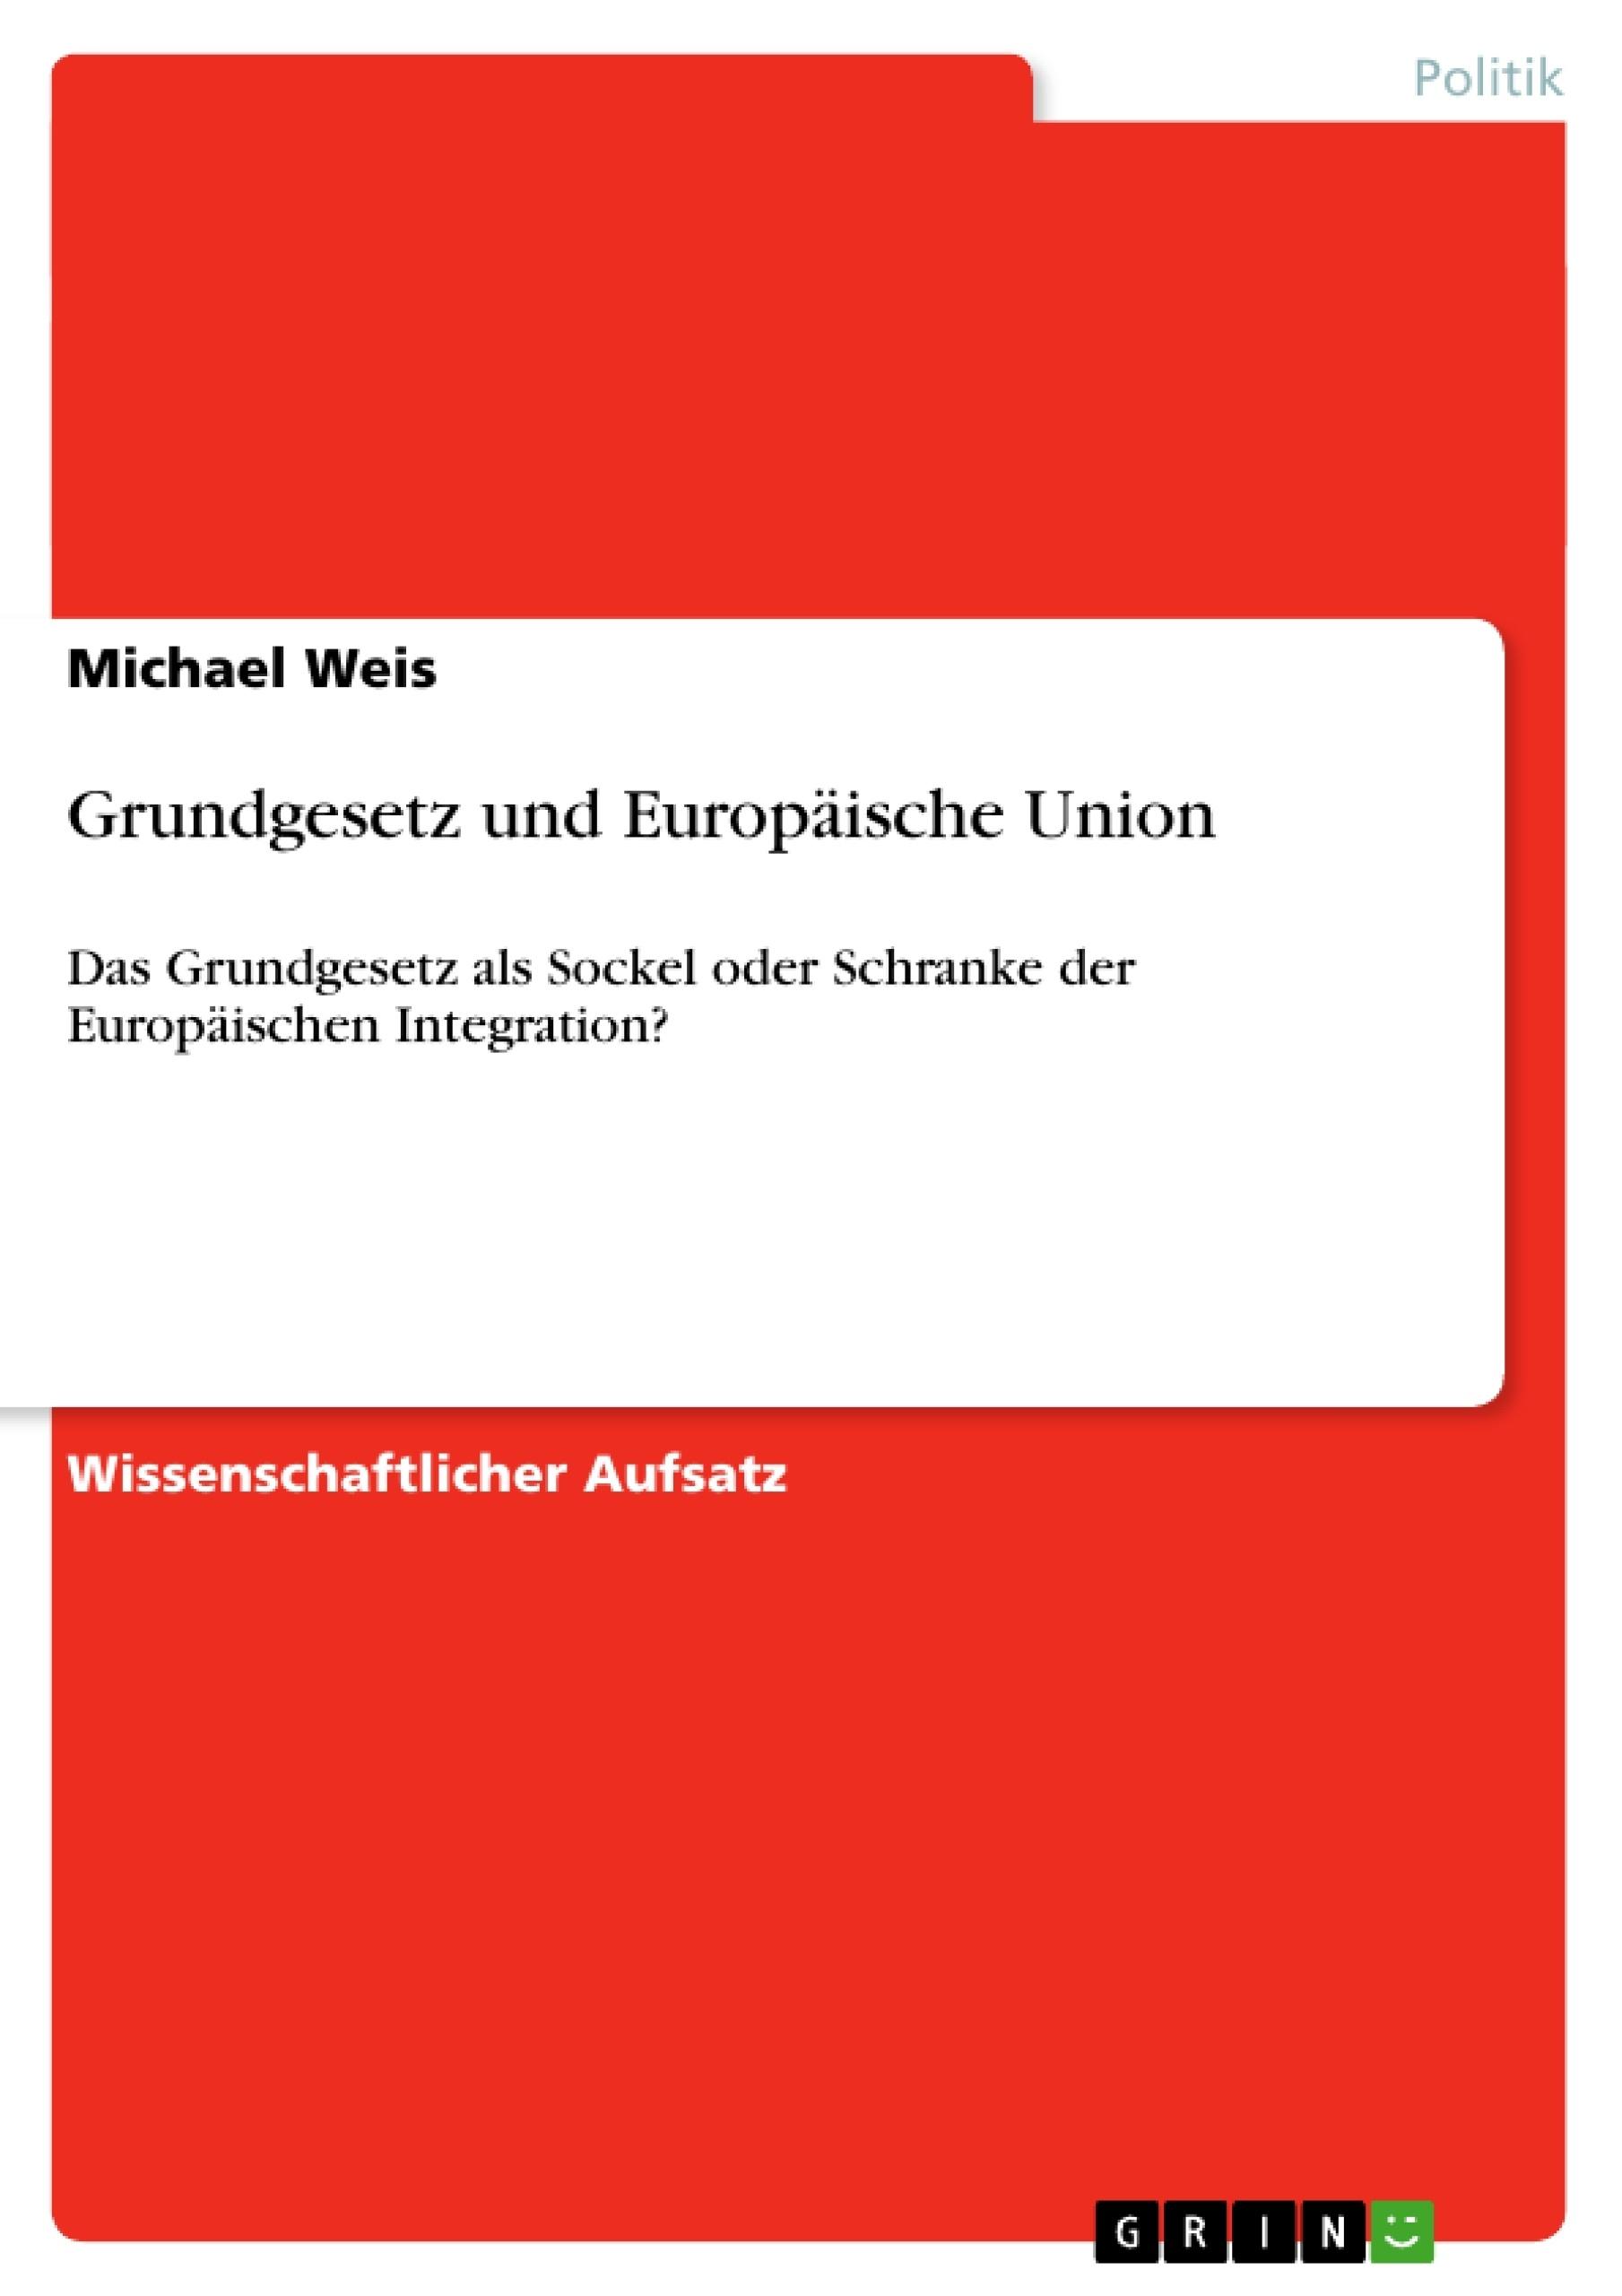 Titel: Grundgesetz und Europäische Union